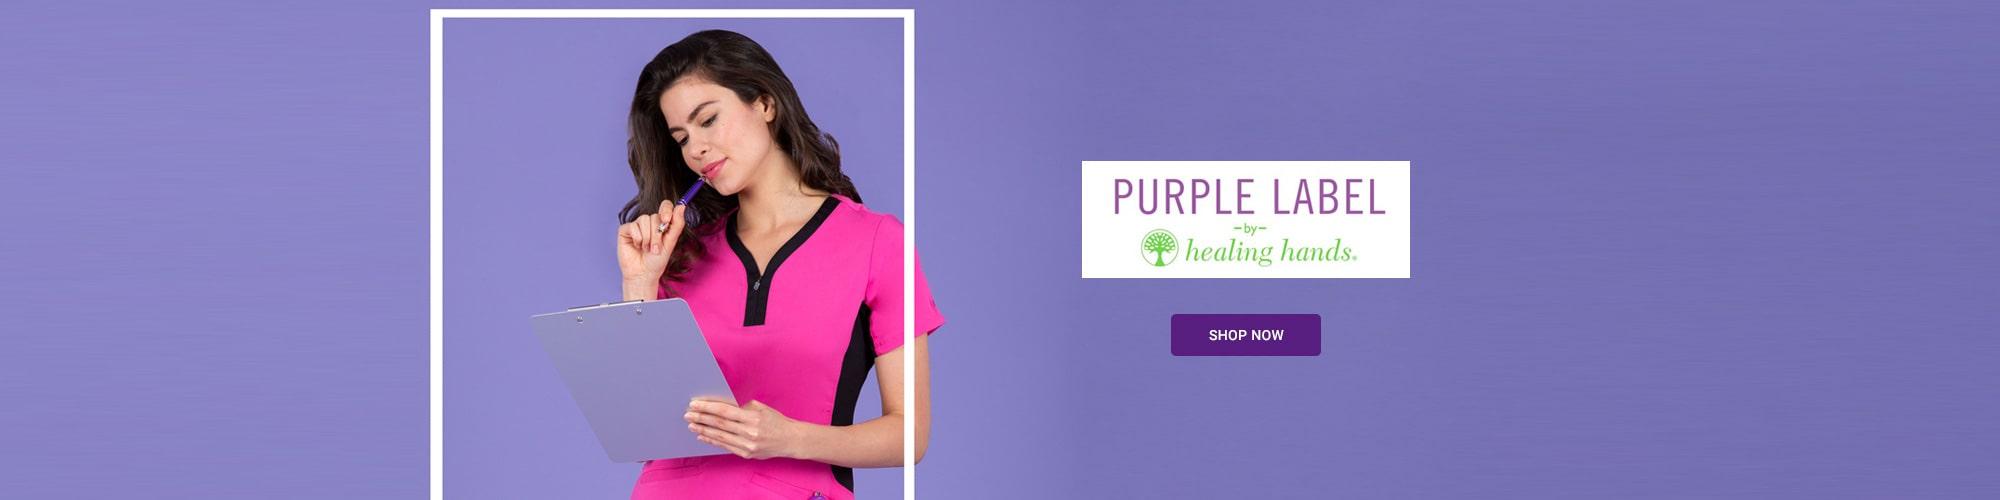 healinghands-purplelabel